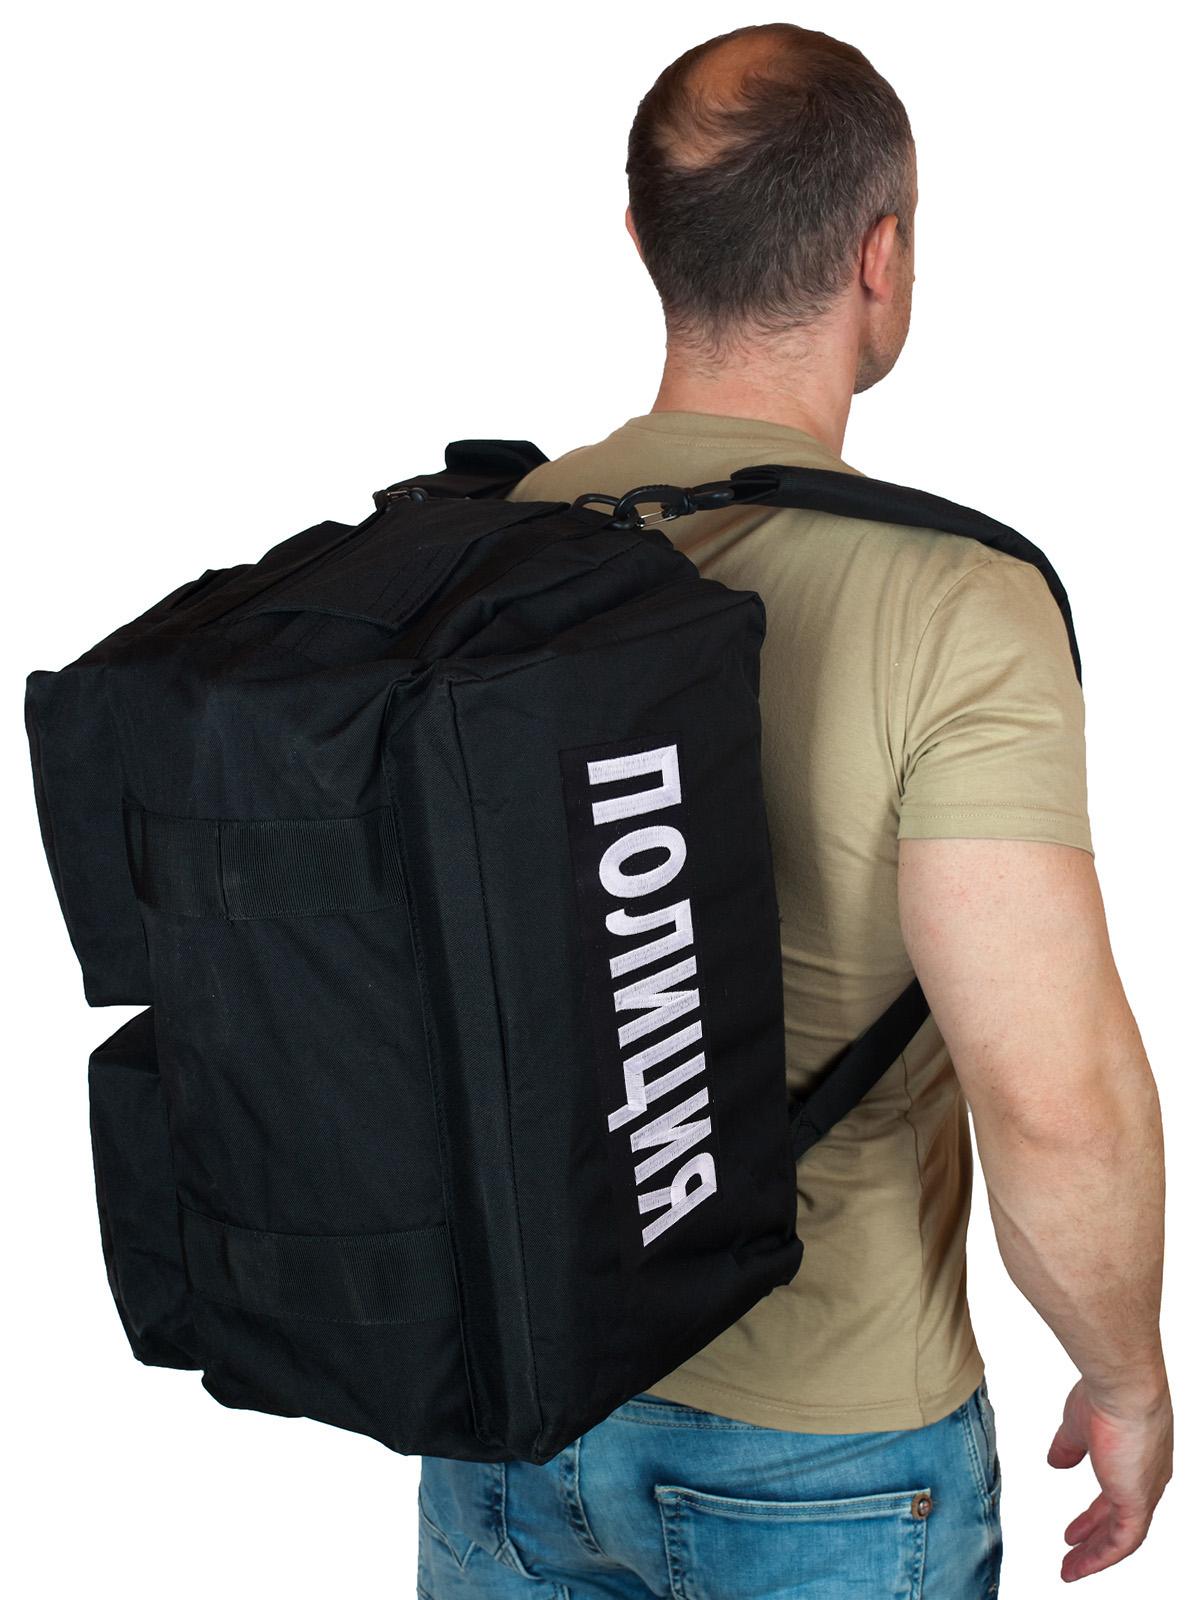 Купить мужскую дорожную сумку Полиция с доставкой или самовывозом